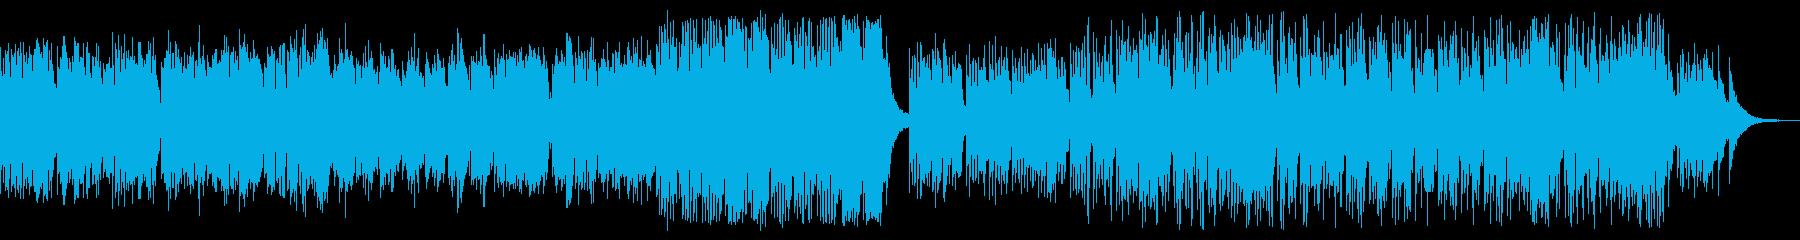 優しく繊細で穏やかなヨガ音楽の再生済みの波形